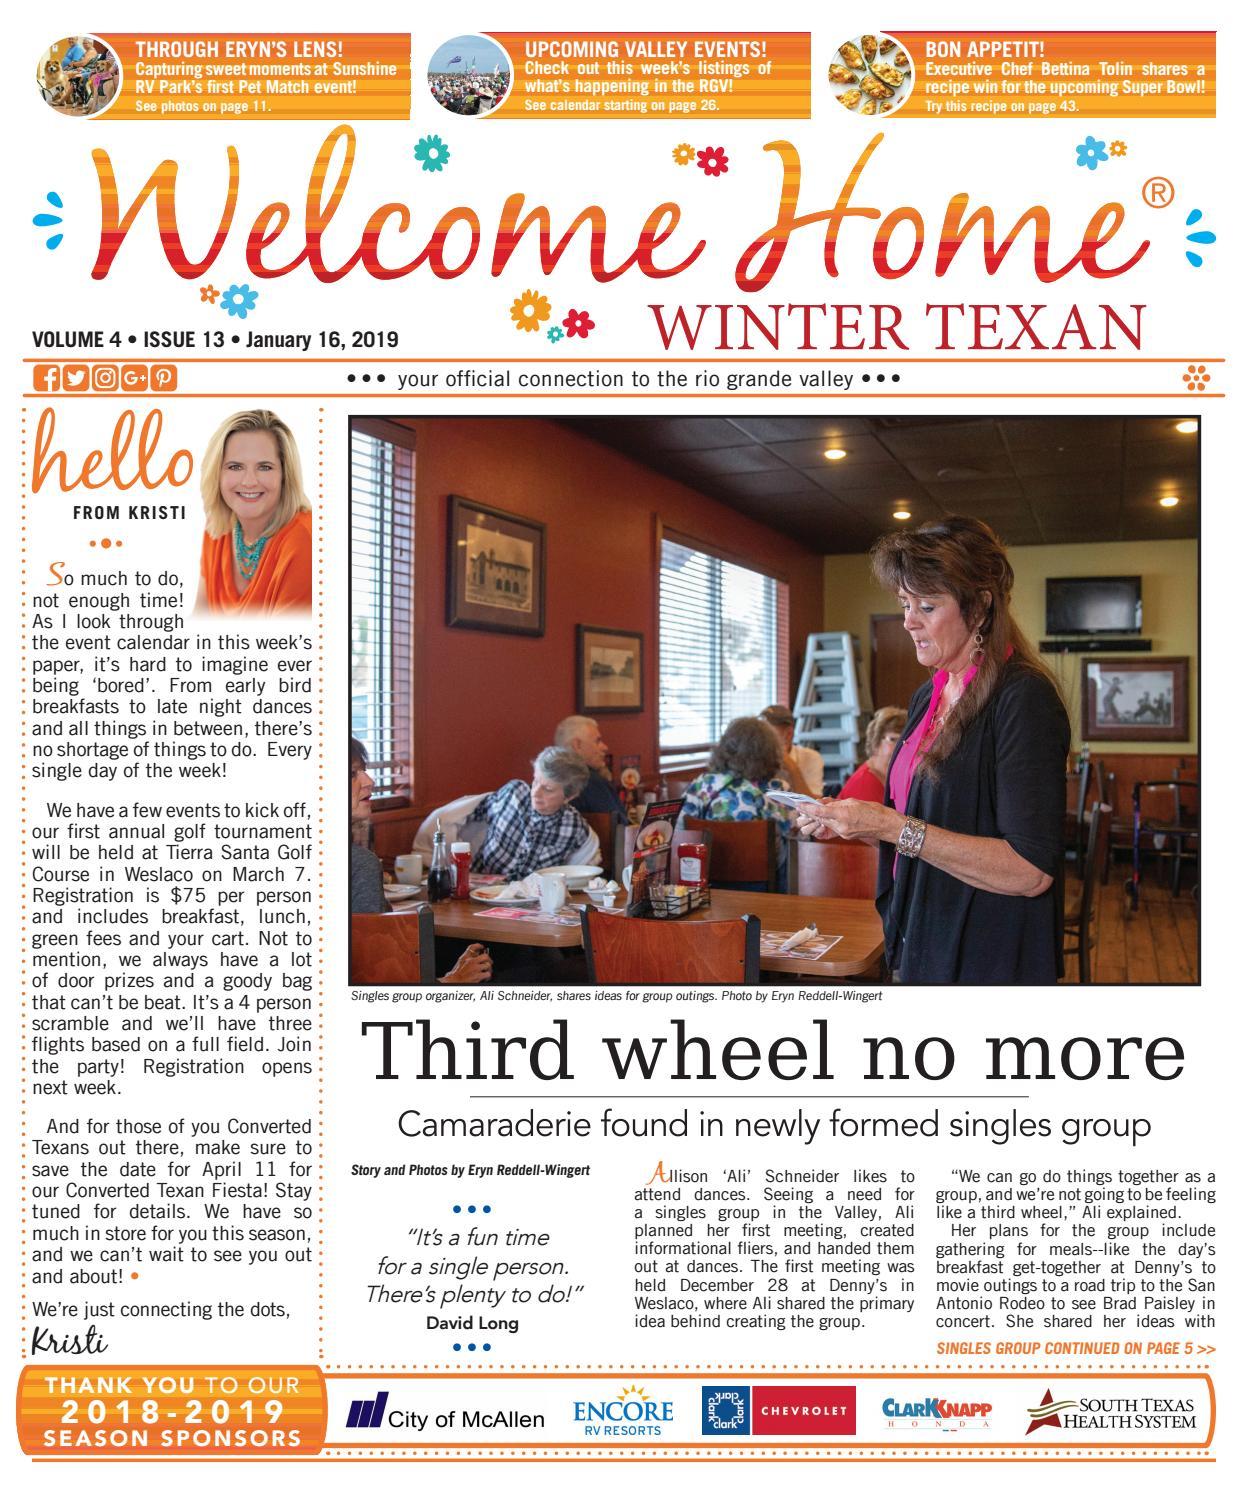 da3d385c3de Welcome Home Winter Texan   Vol 4 Issue 13   January 16